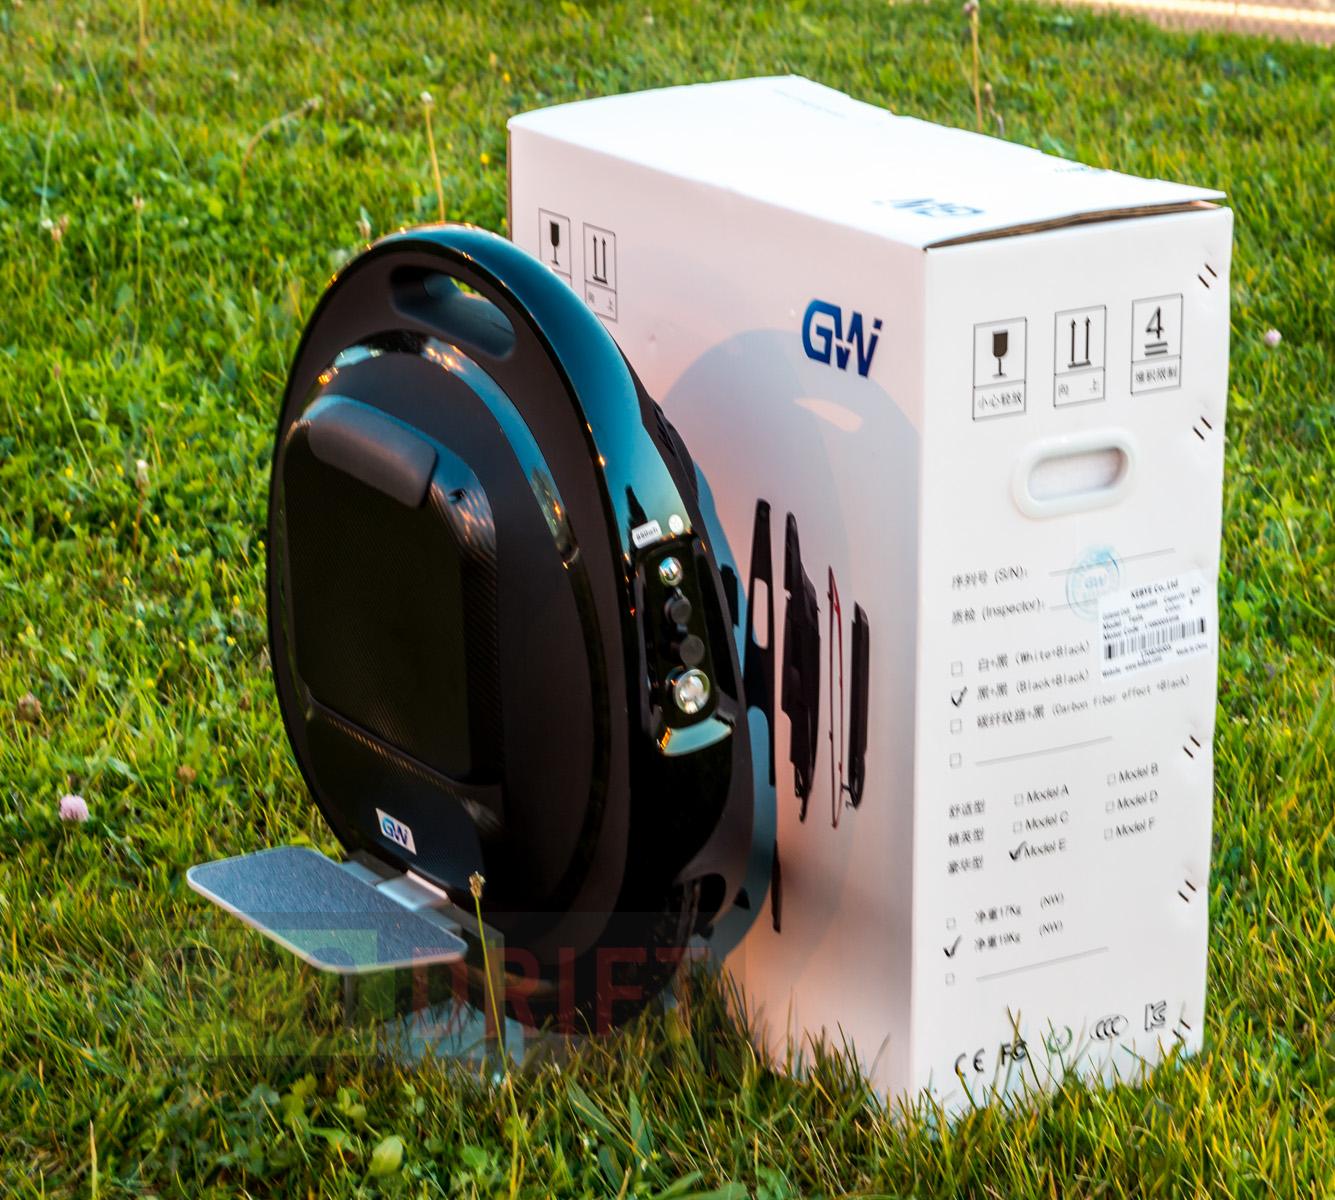 Моноколесо GotWay (Begode) Tesla V2 470Wh 84V